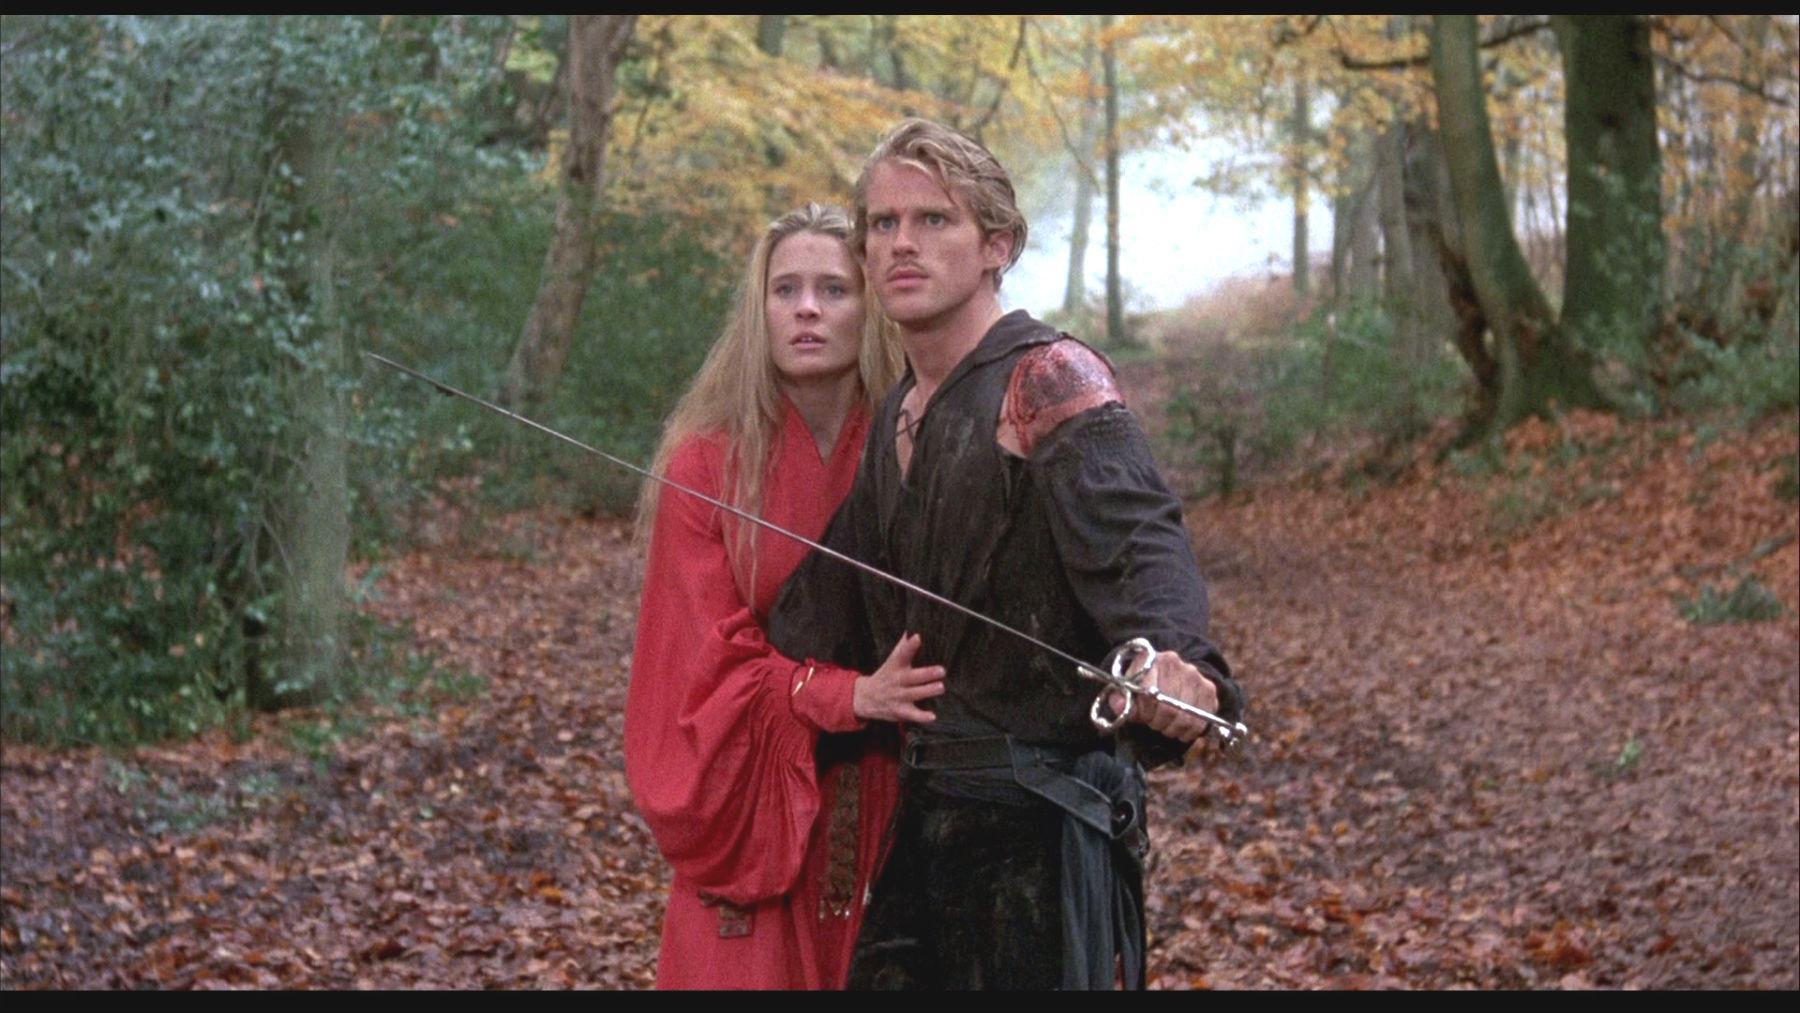 Top 6 Romance Movies